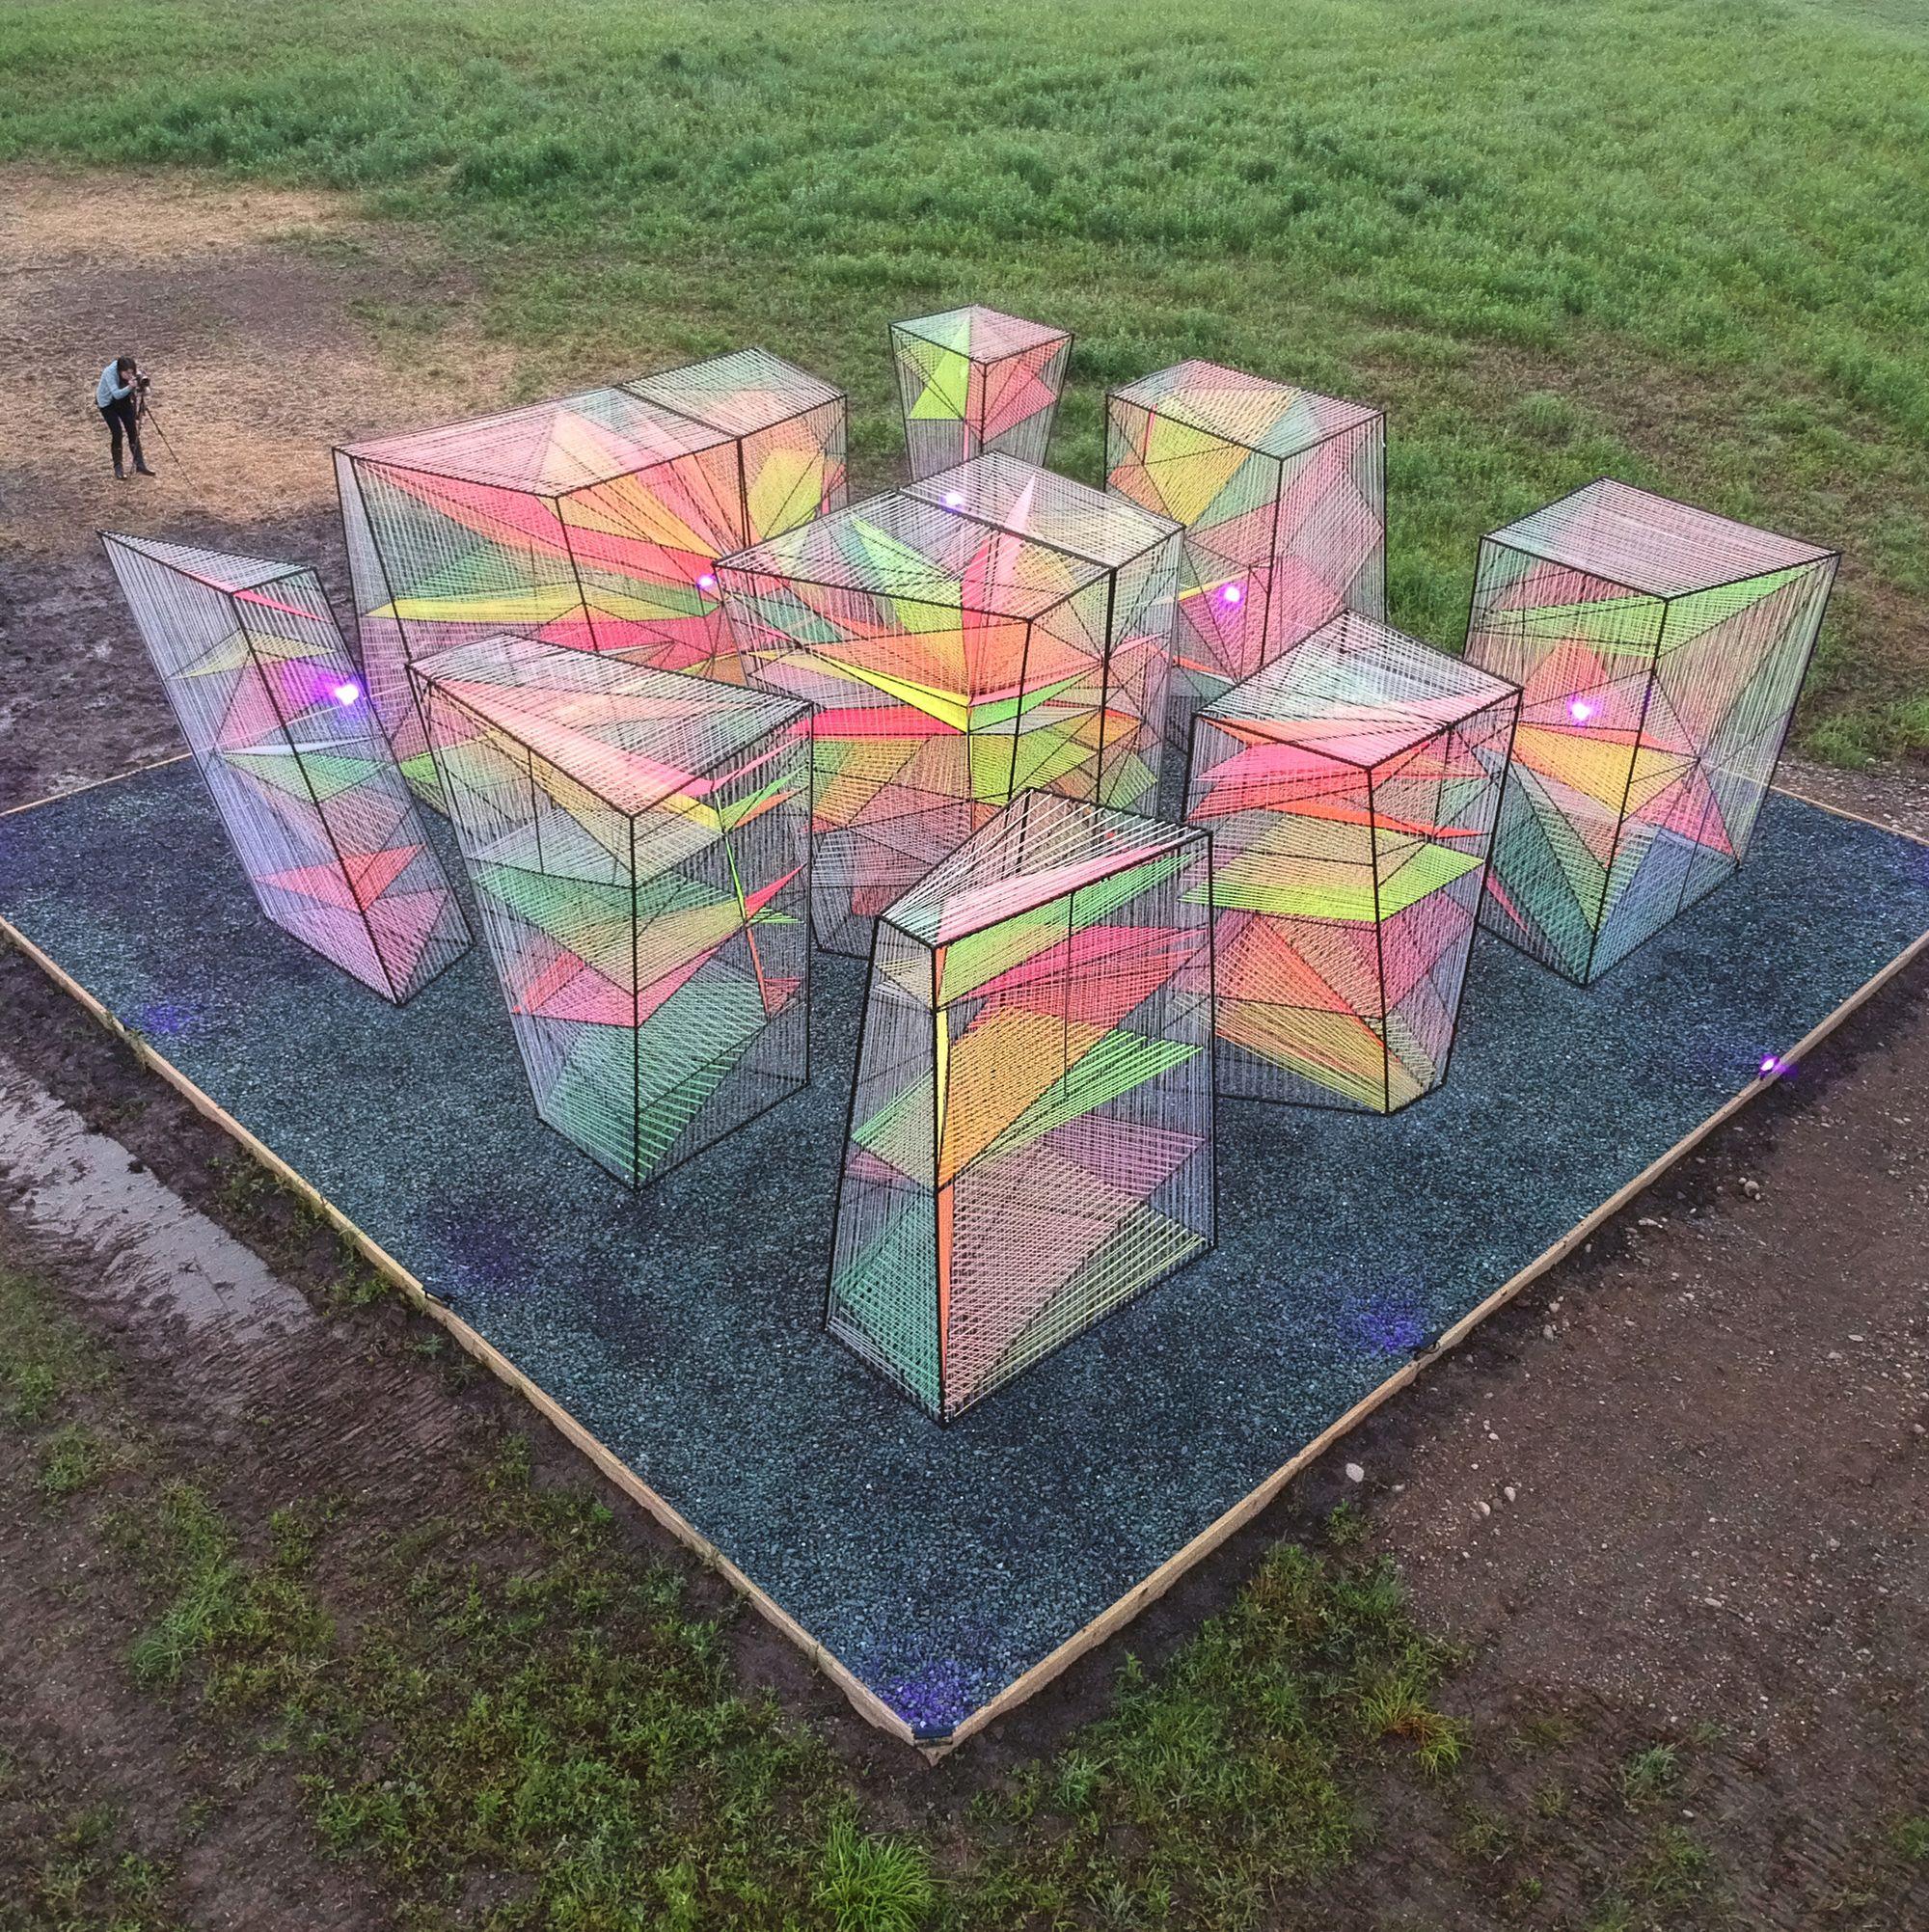 Prismatic Installation Hou De Sousa In 2020